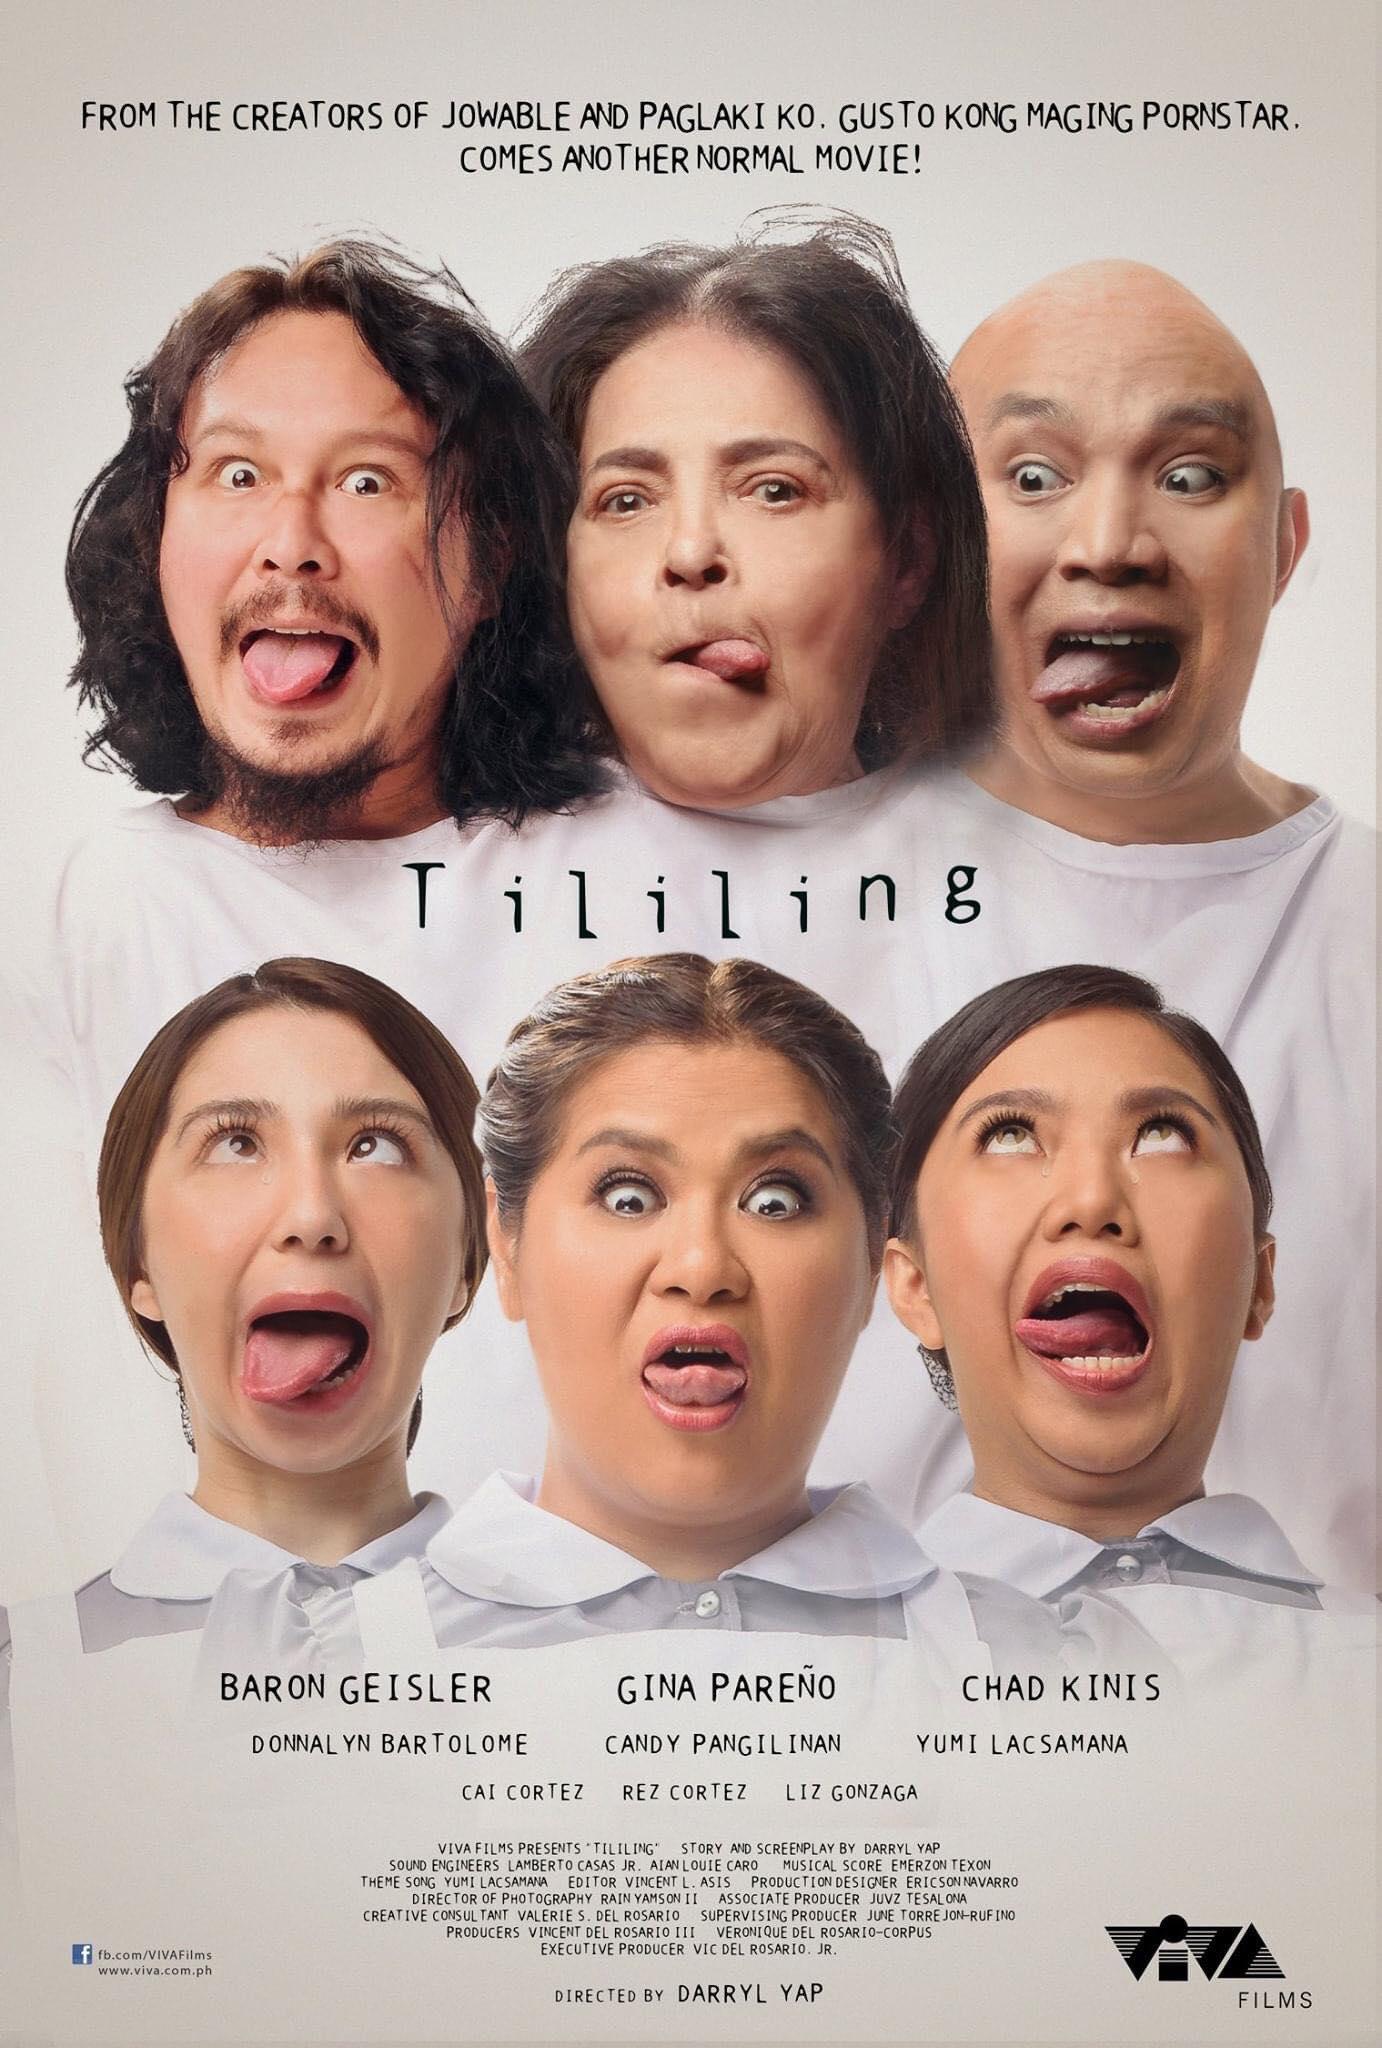 Tililing poster